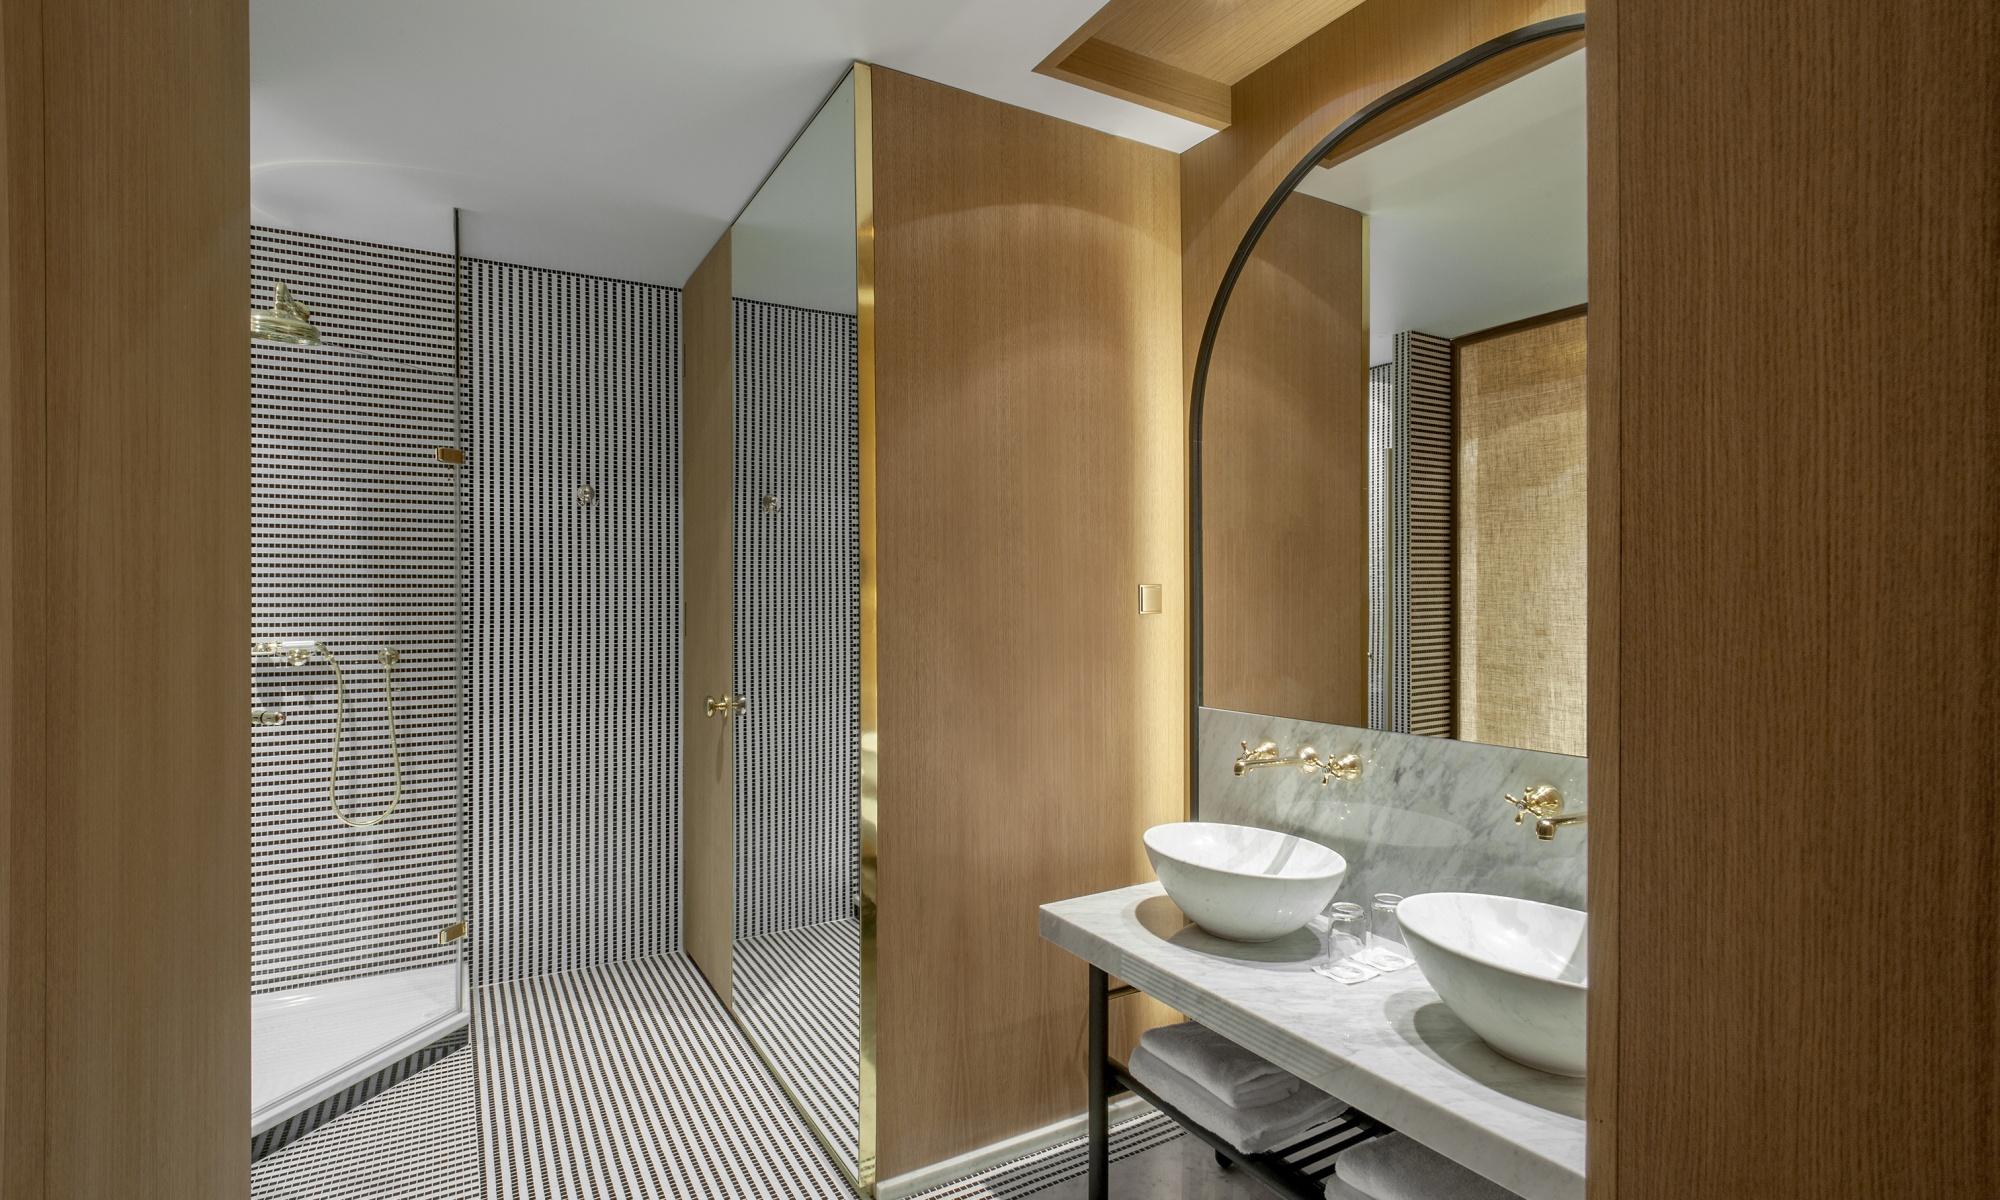 Salle de bain Hôtel Vernet - ATES France